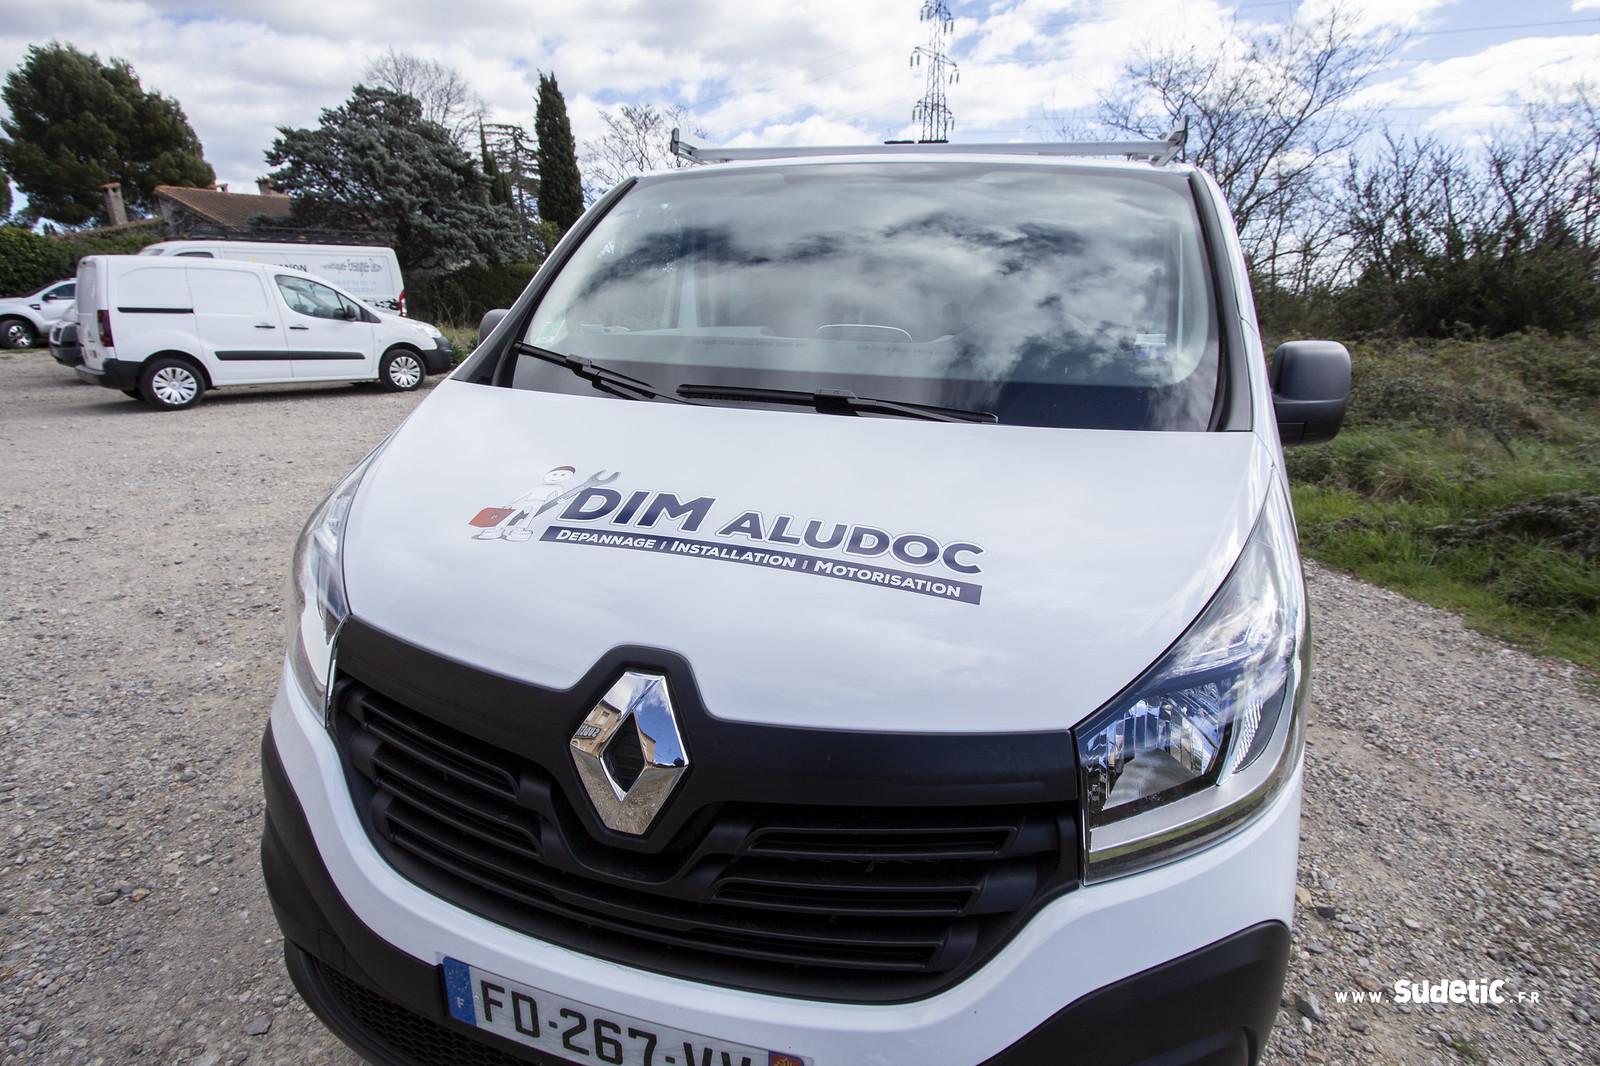 Sudetic Renault Trafic Dim Aludoc-7